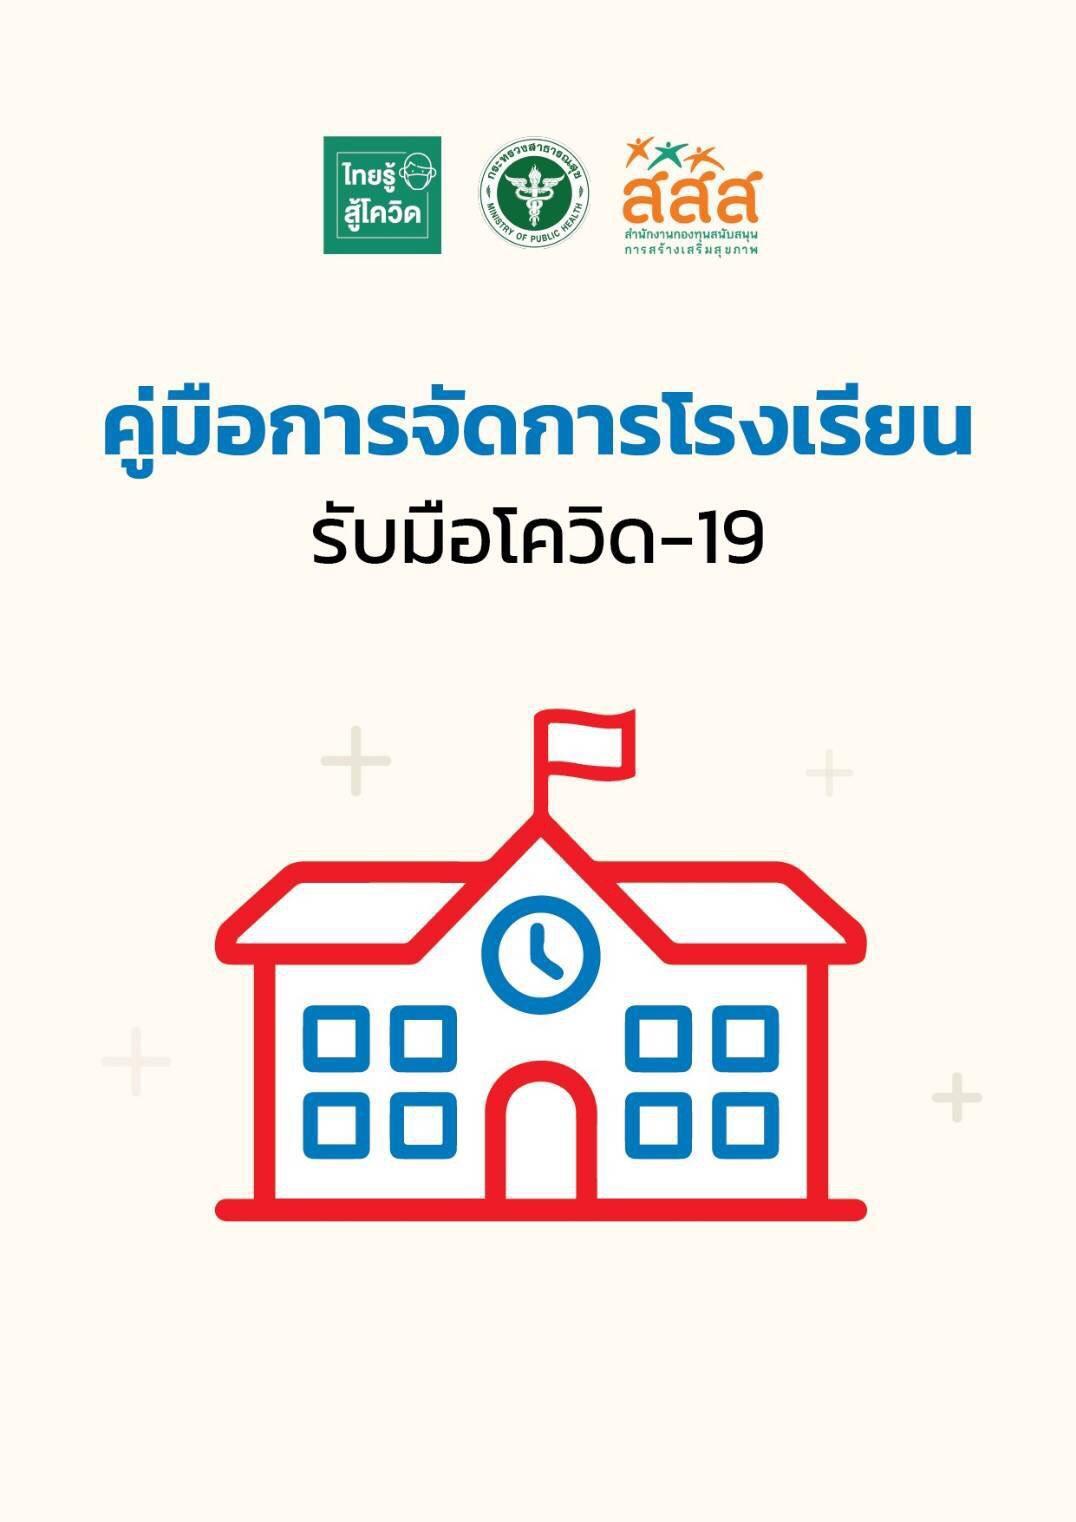 สสส. จับมือ สพฐ. ทำคู่มือการจัดการโรงเรียน รับมือโควิด-19 thaihealth